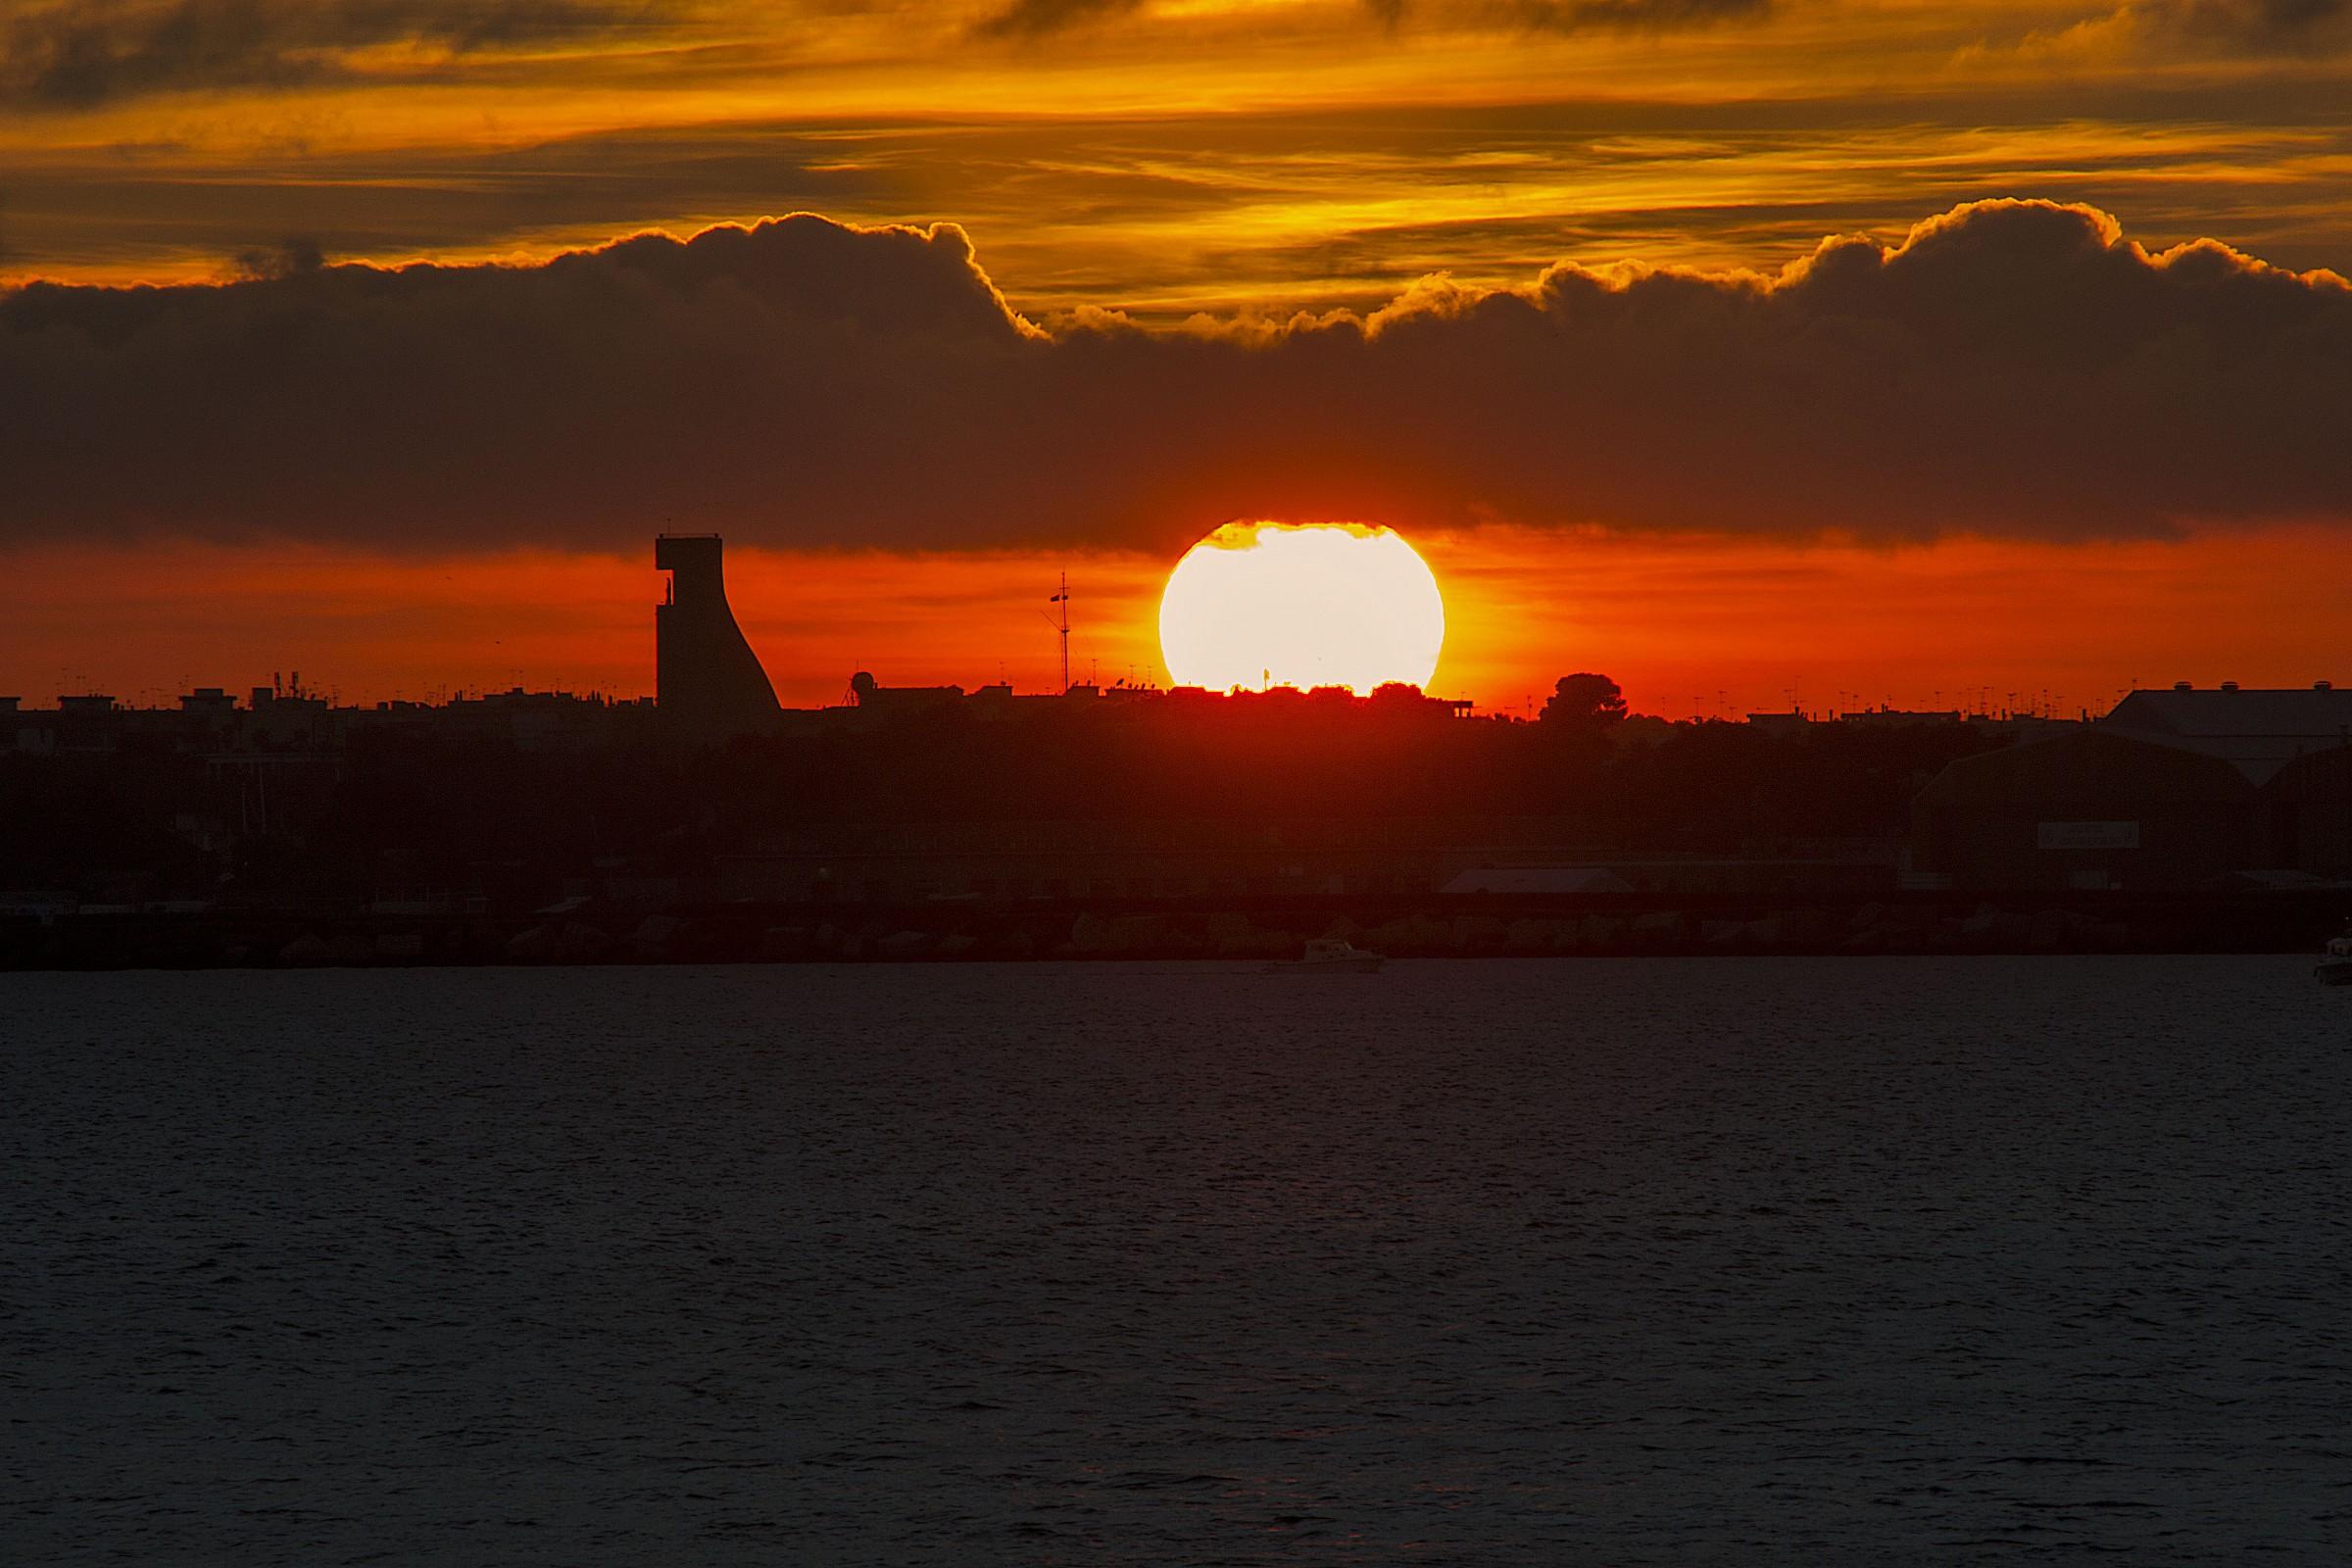 sunset on toast...